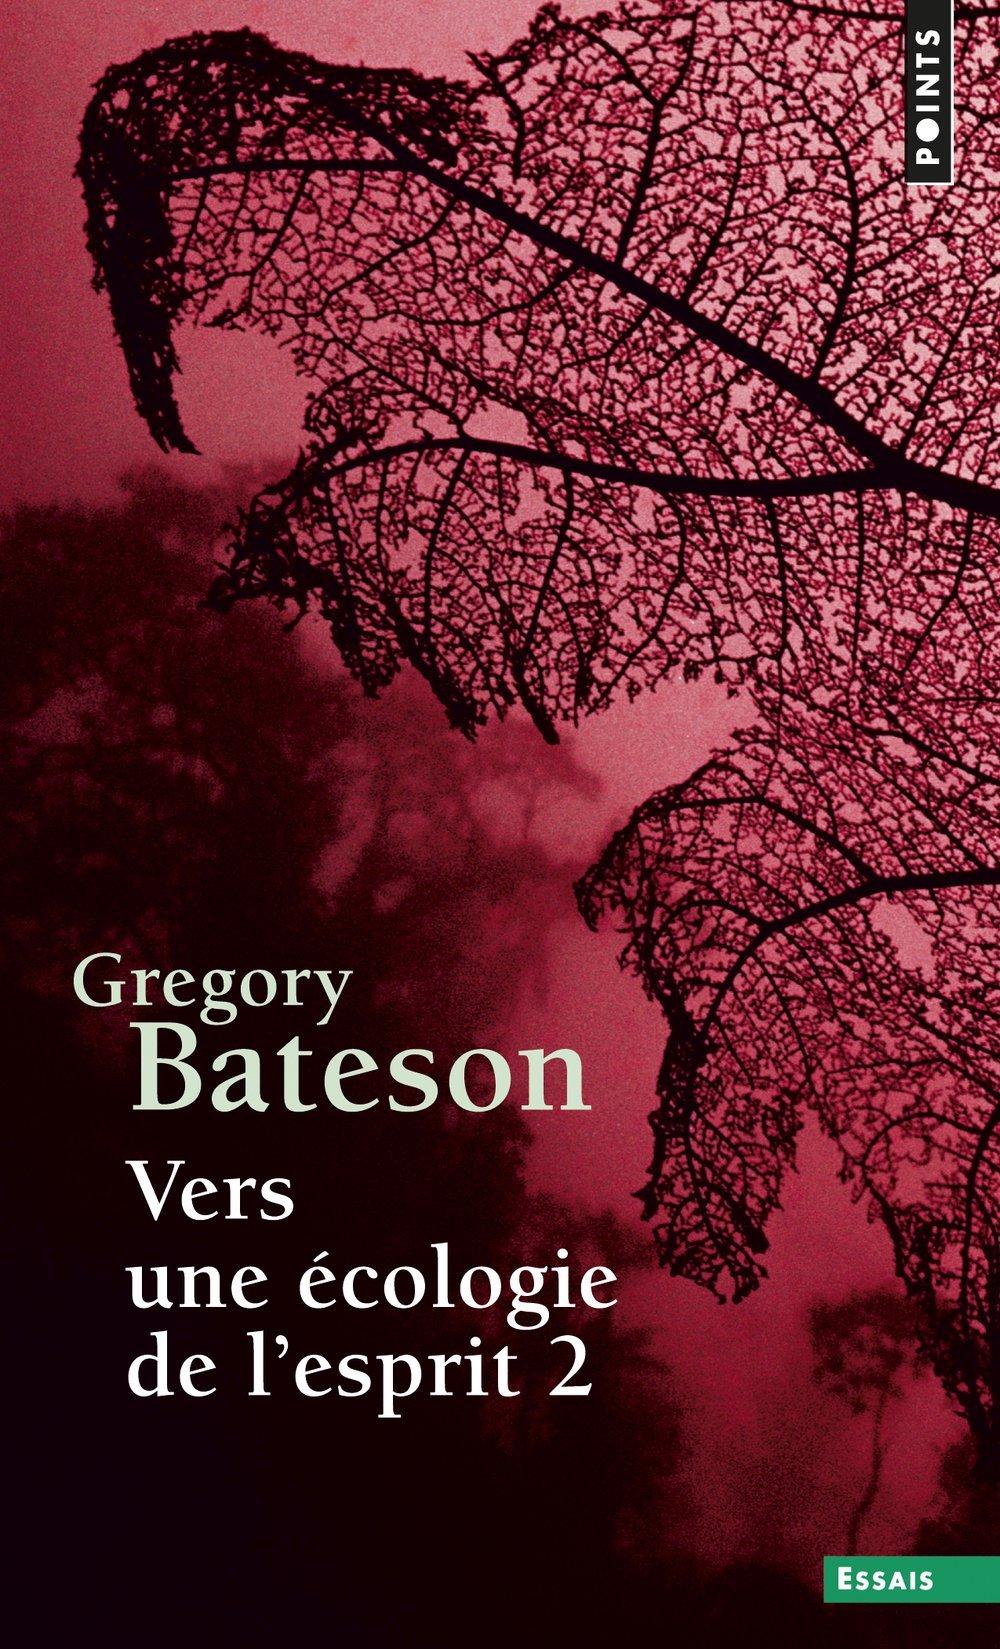 Vers une écologie de l'esprit (2) (Anglais) Poche – 7 février 2008 Gregory Bateson Points 2020532336 TL2020532336